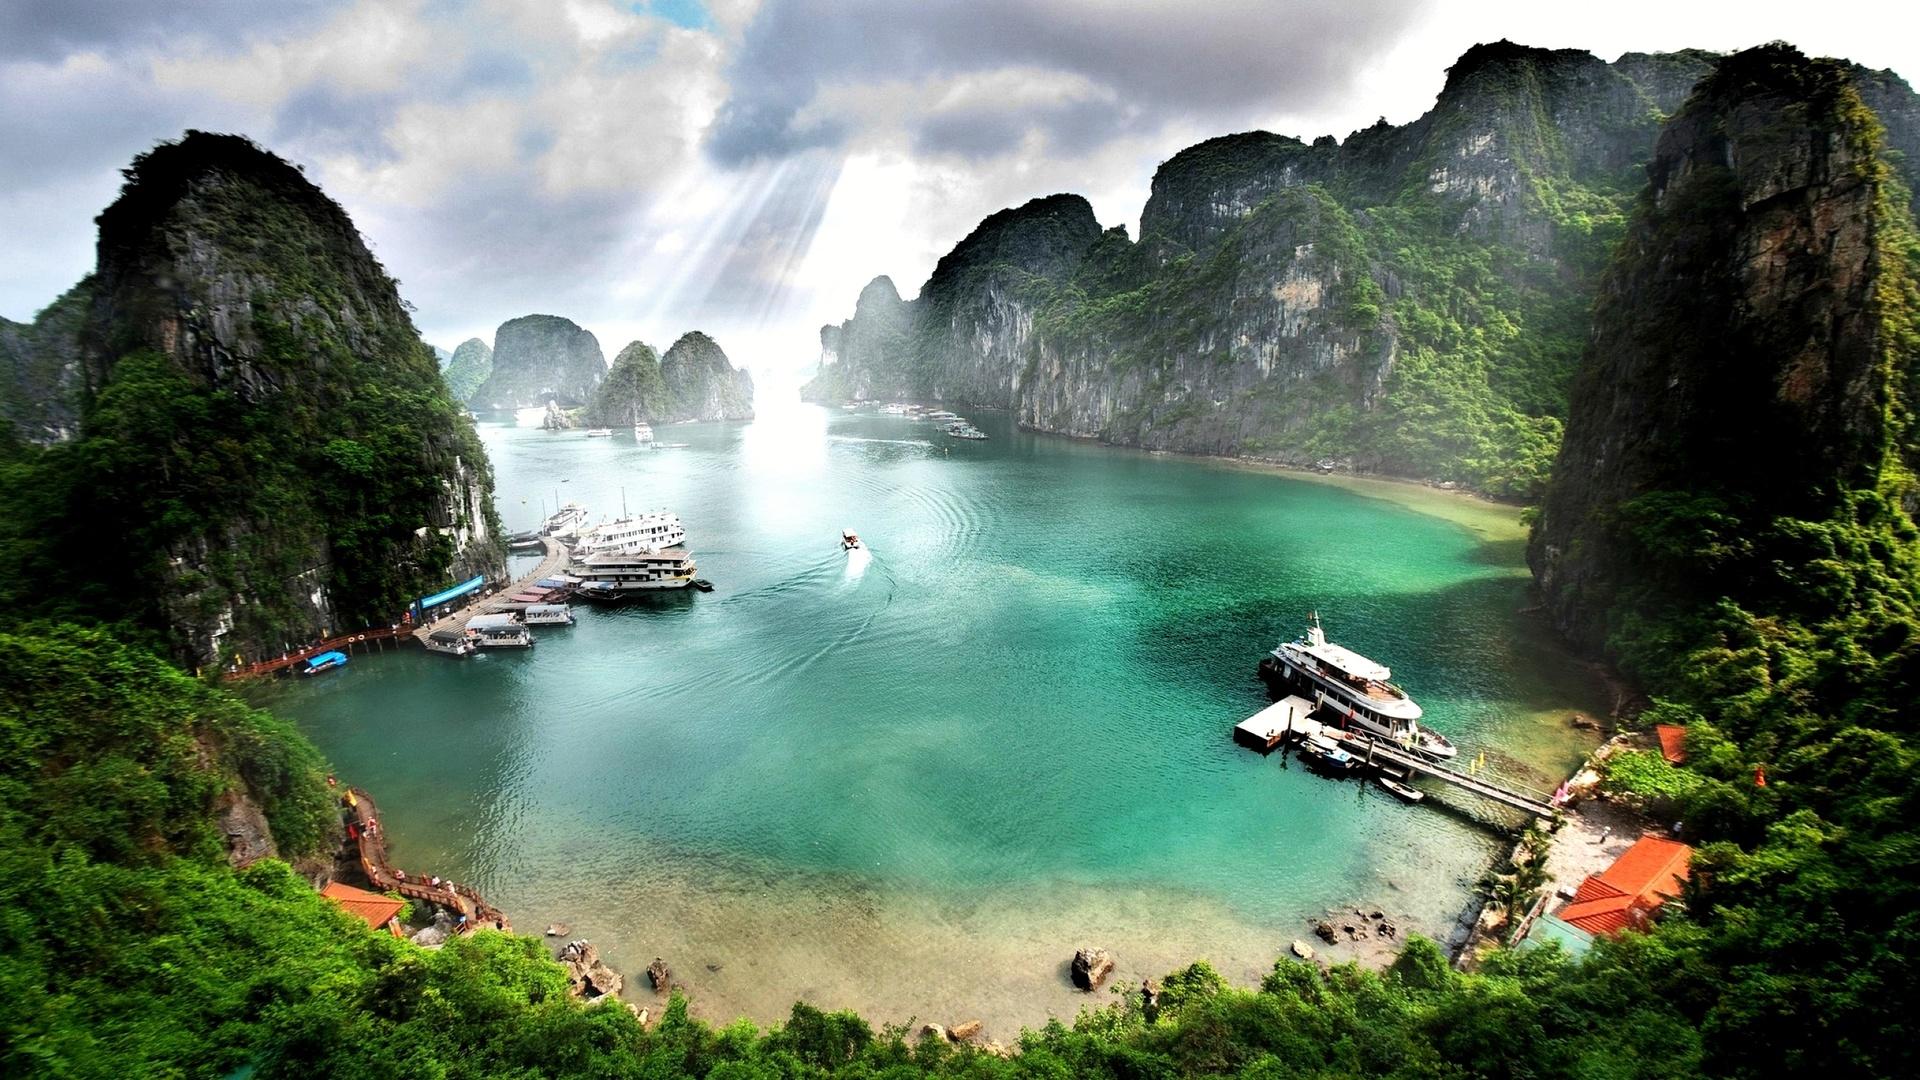 ппляж.тропический лес облака, море, корабль лодки, горные породы, остров ha long bay вьетнам